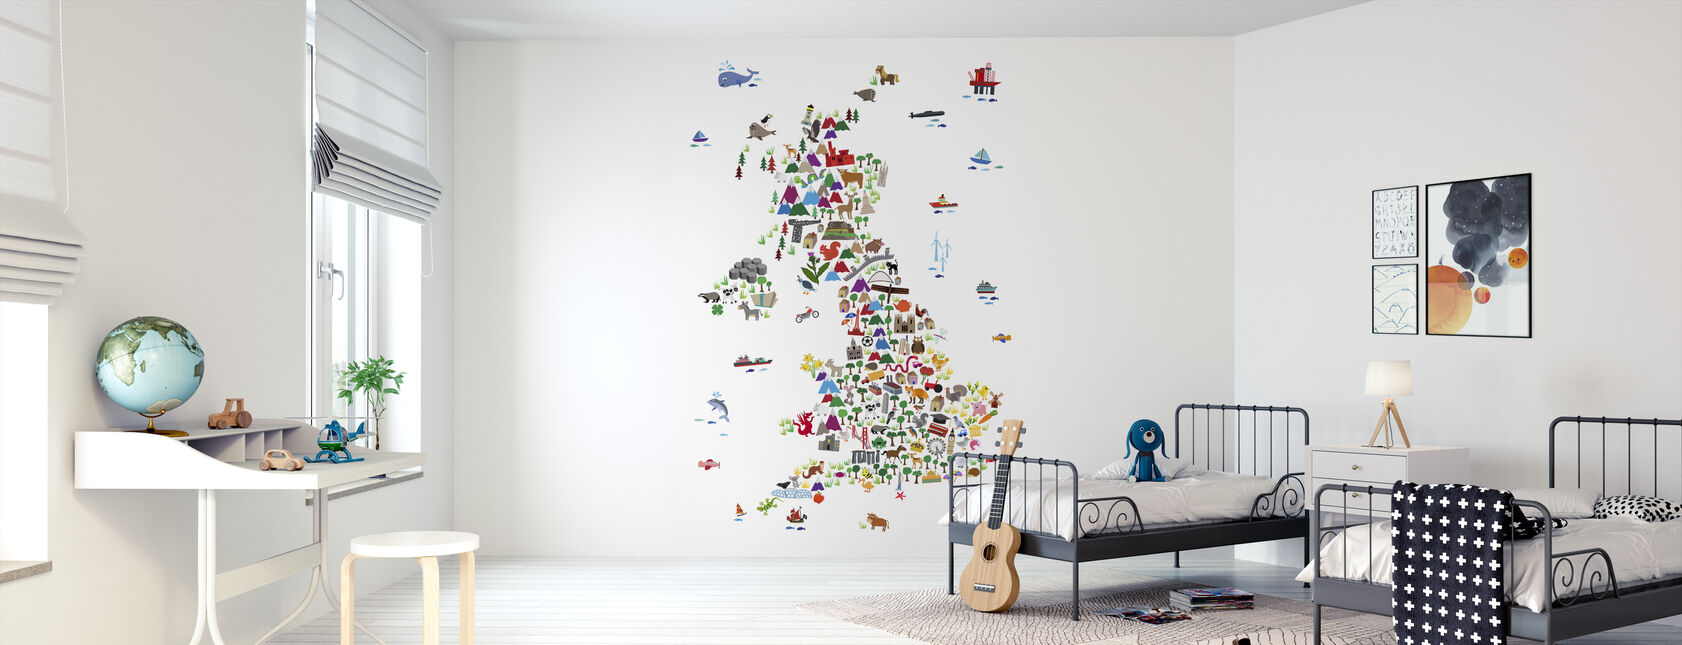 Animal Kaart Verenigd Koninkrijk - Behang - Kinderkamer